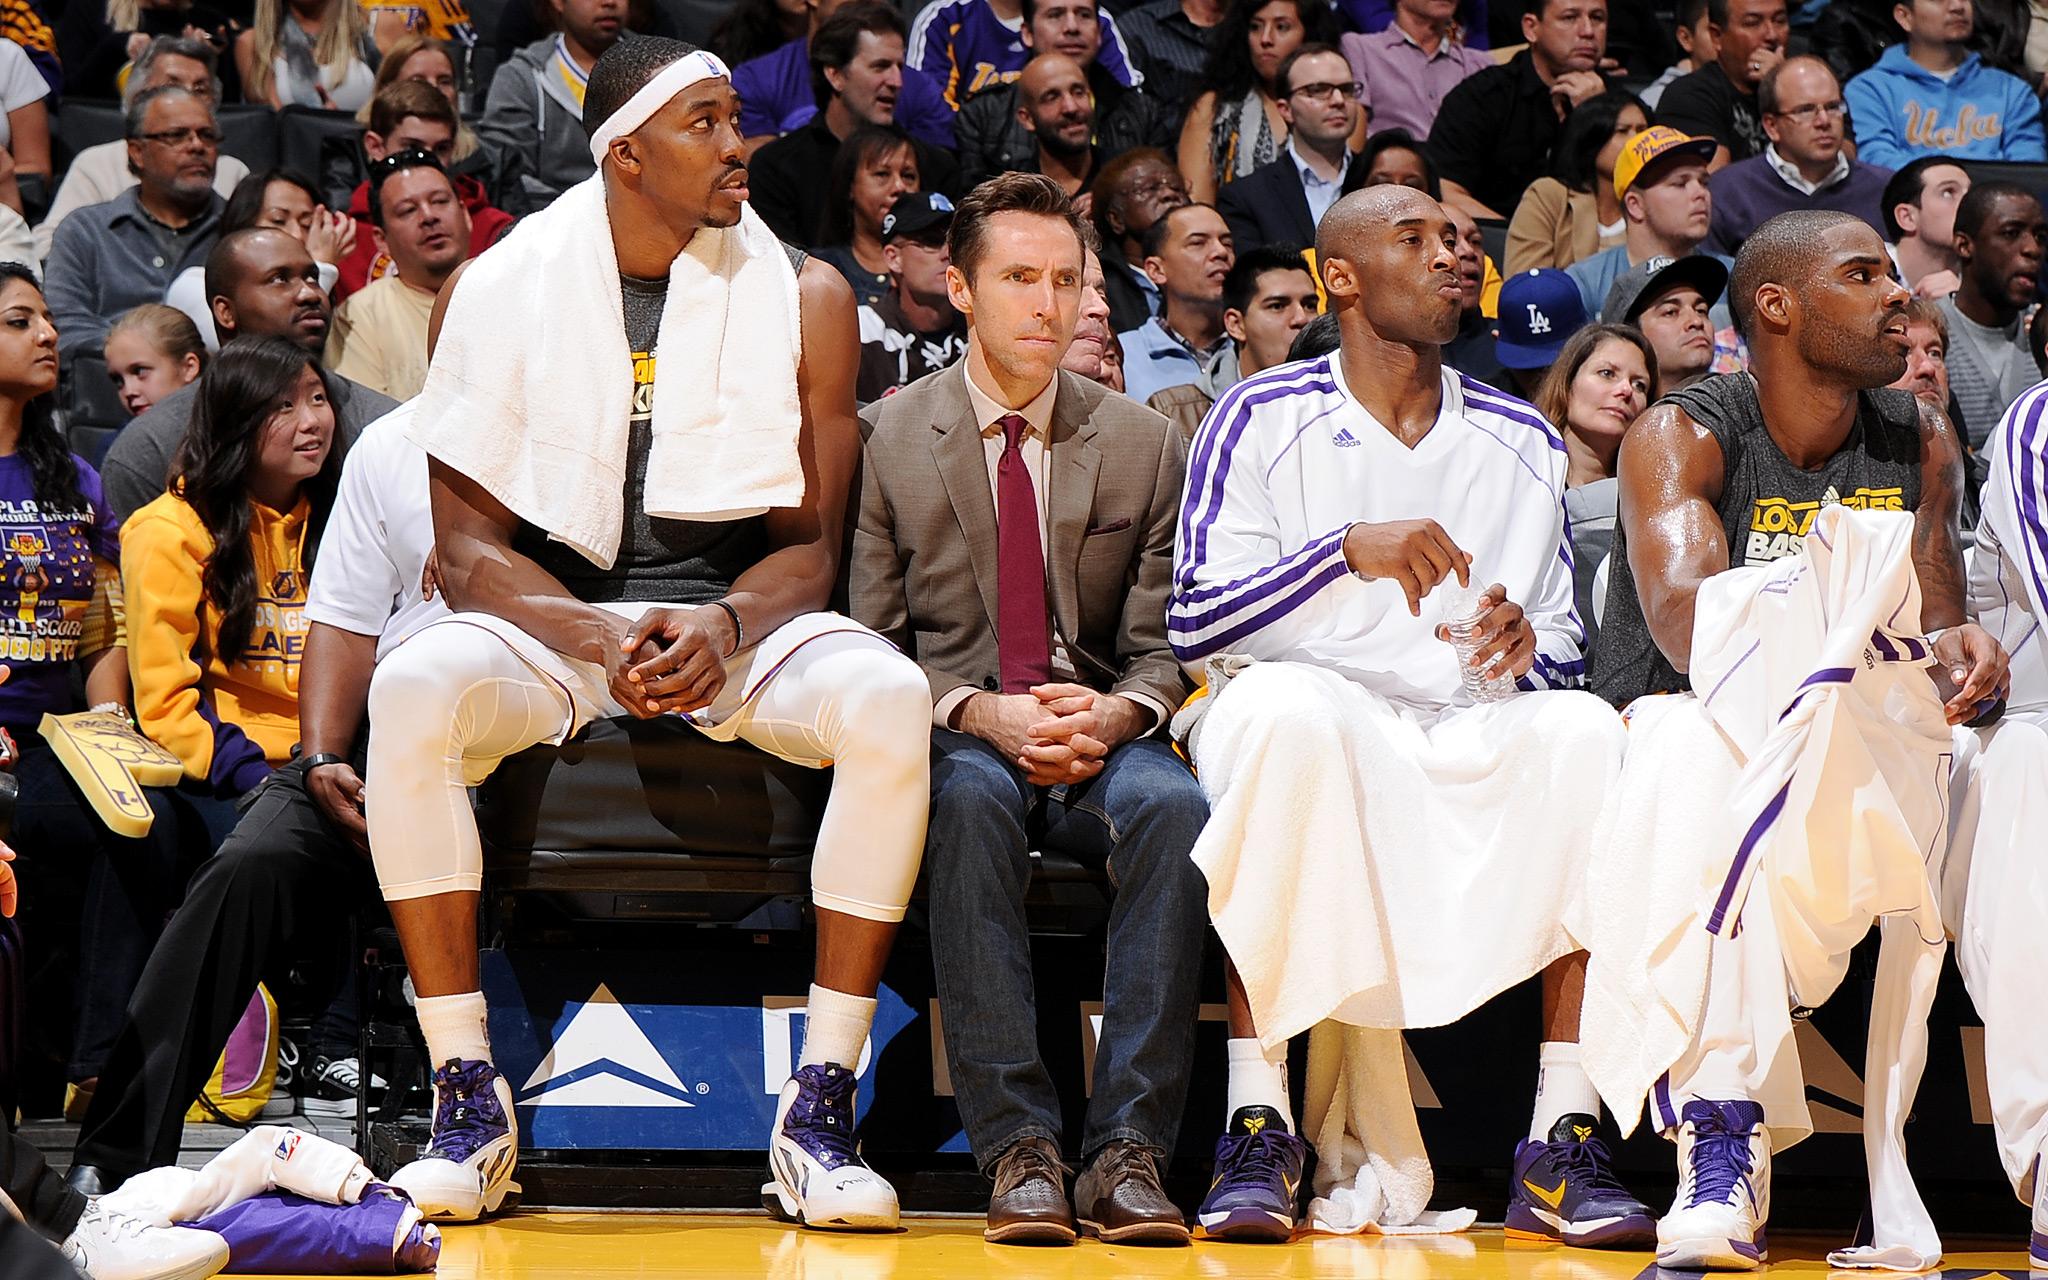 Dwight Howard, Steve Nash, Kobe Bryant